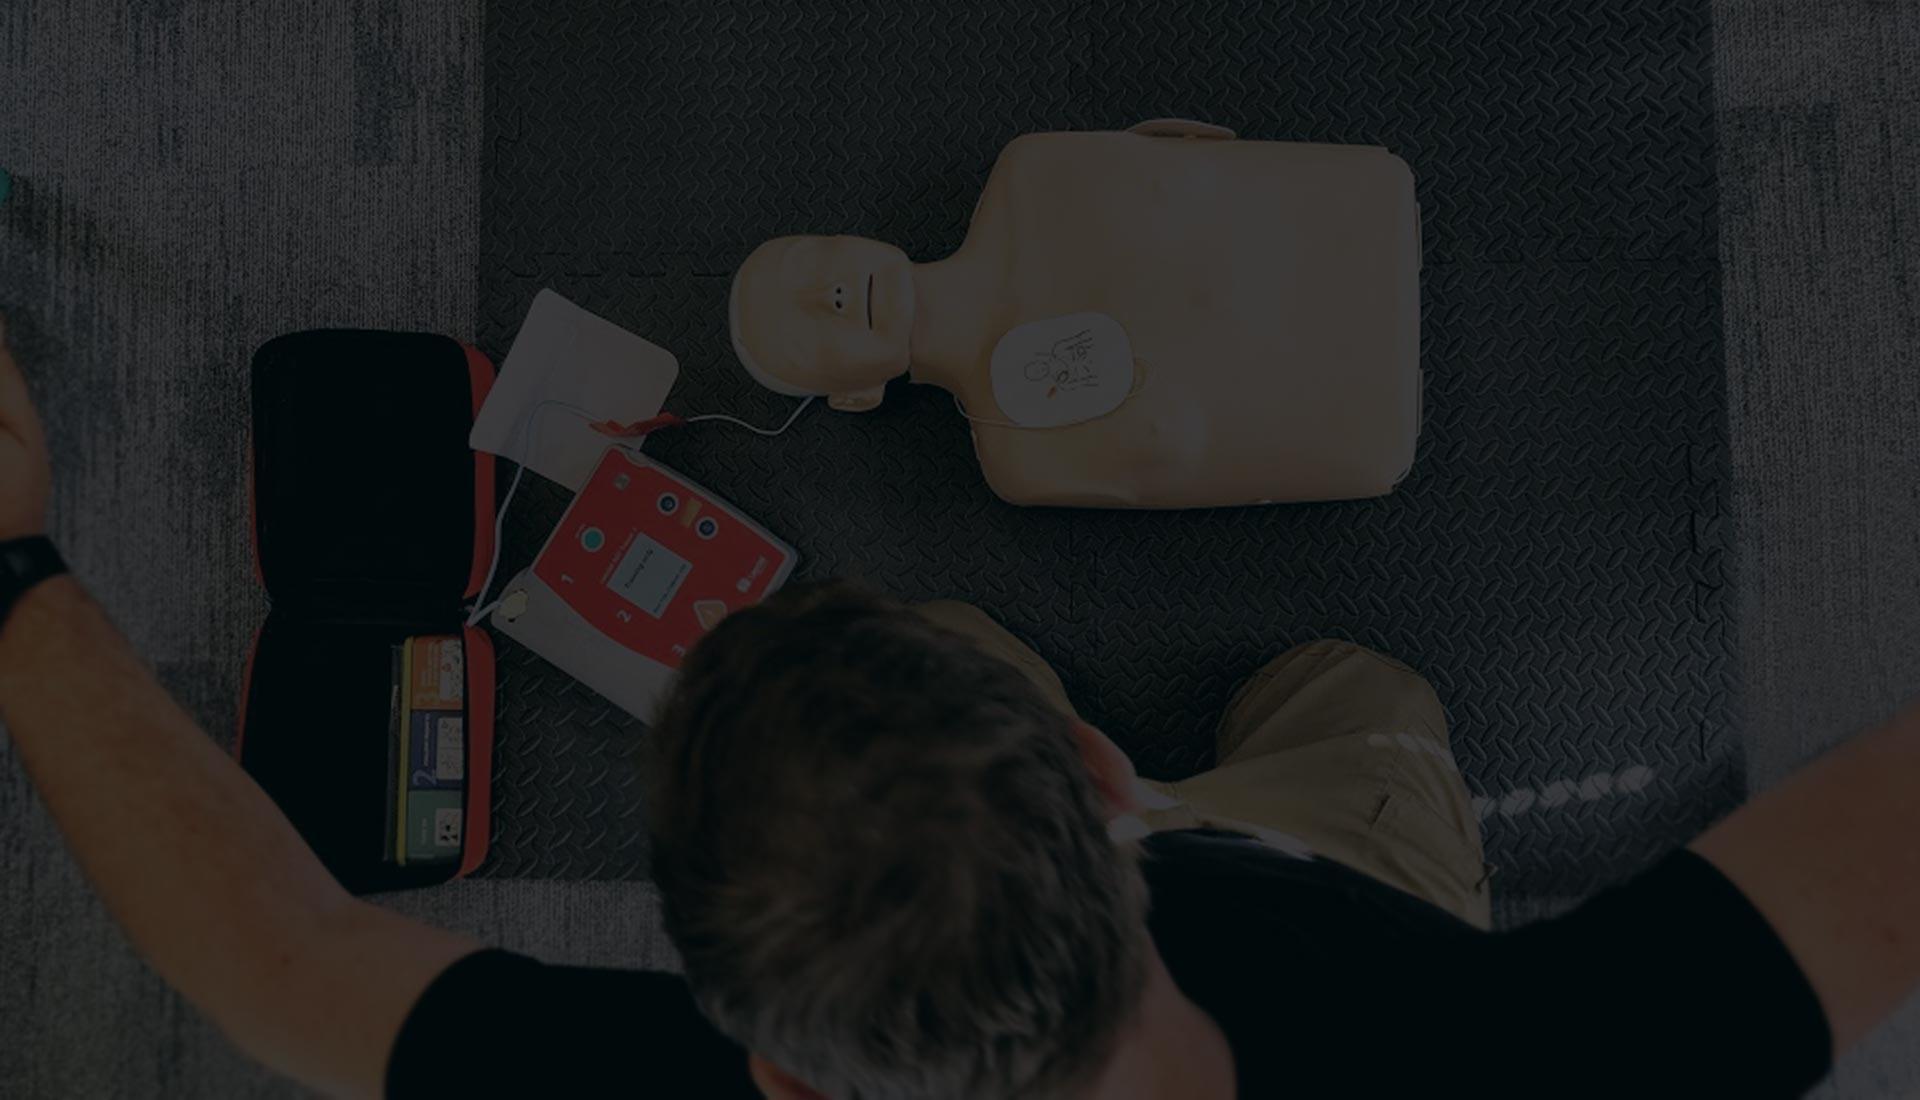 Szkolenie z pierwszej pomocy Wrocław kurs pierwszej pomocy pierwsza pomoc Wrocław szkolenie dla firm z pierwszej pomocy Wrocław